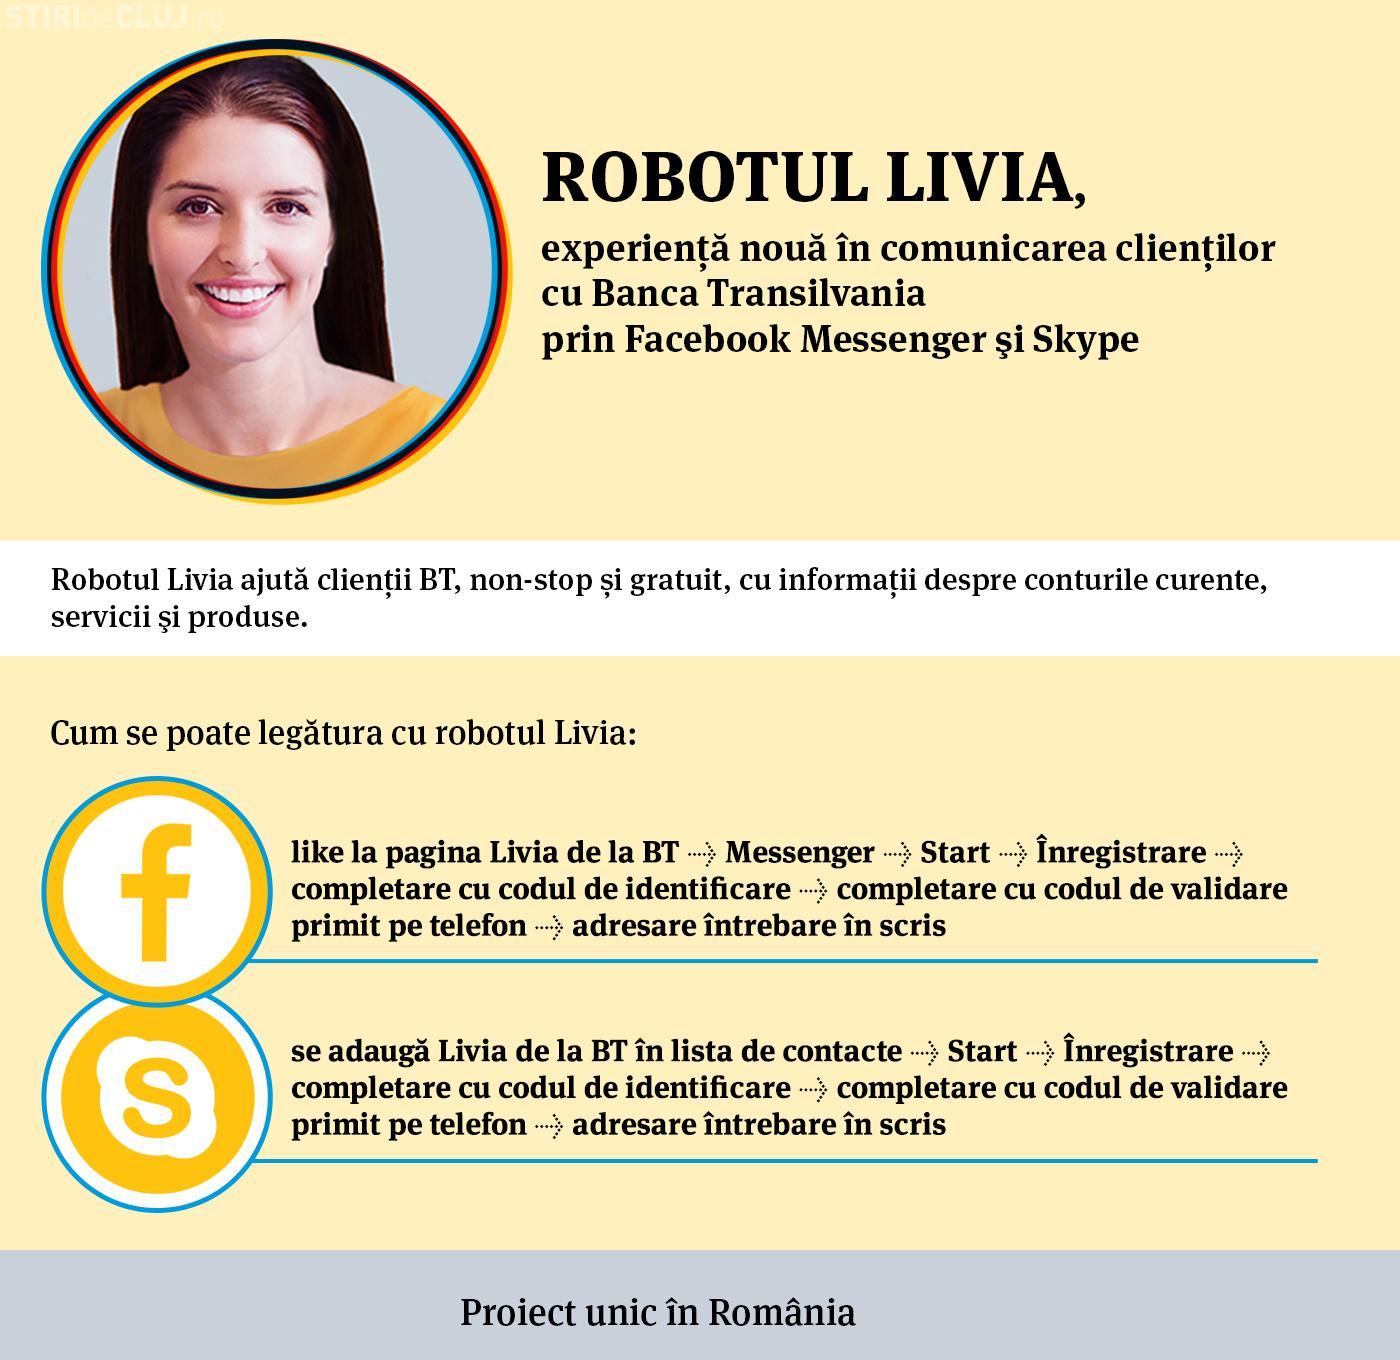 Banca Transilvania lansează robotul Livia, care oferă informații clienților